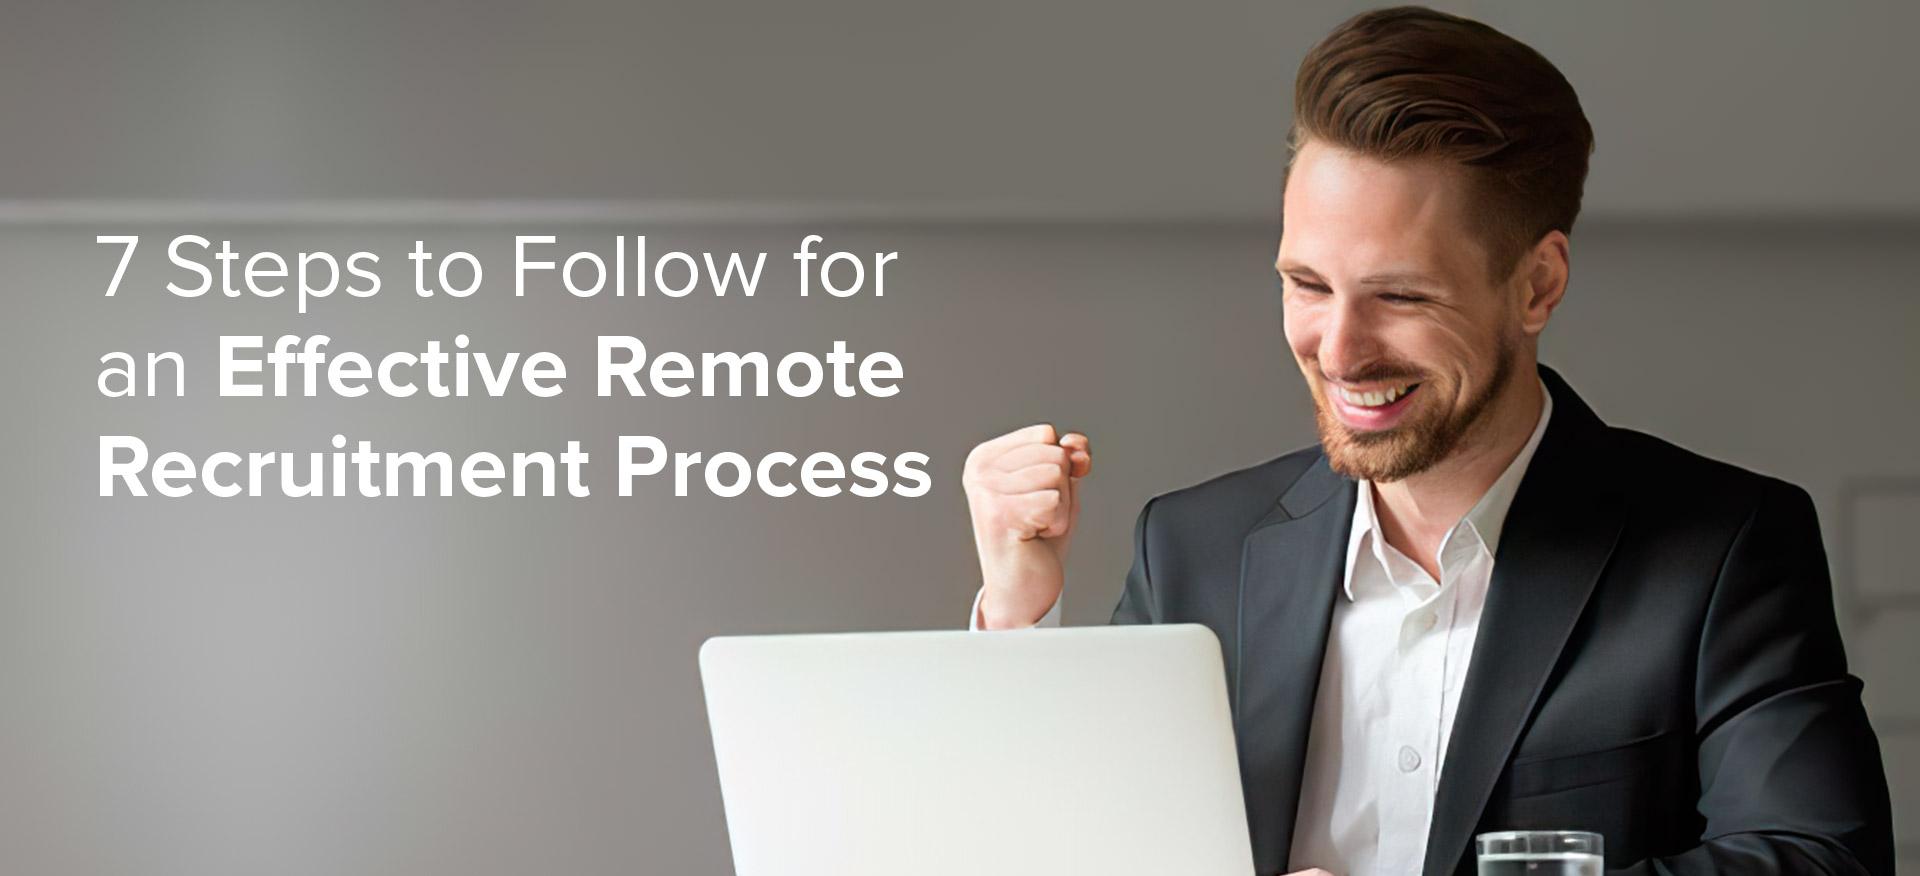 remote recruitment process